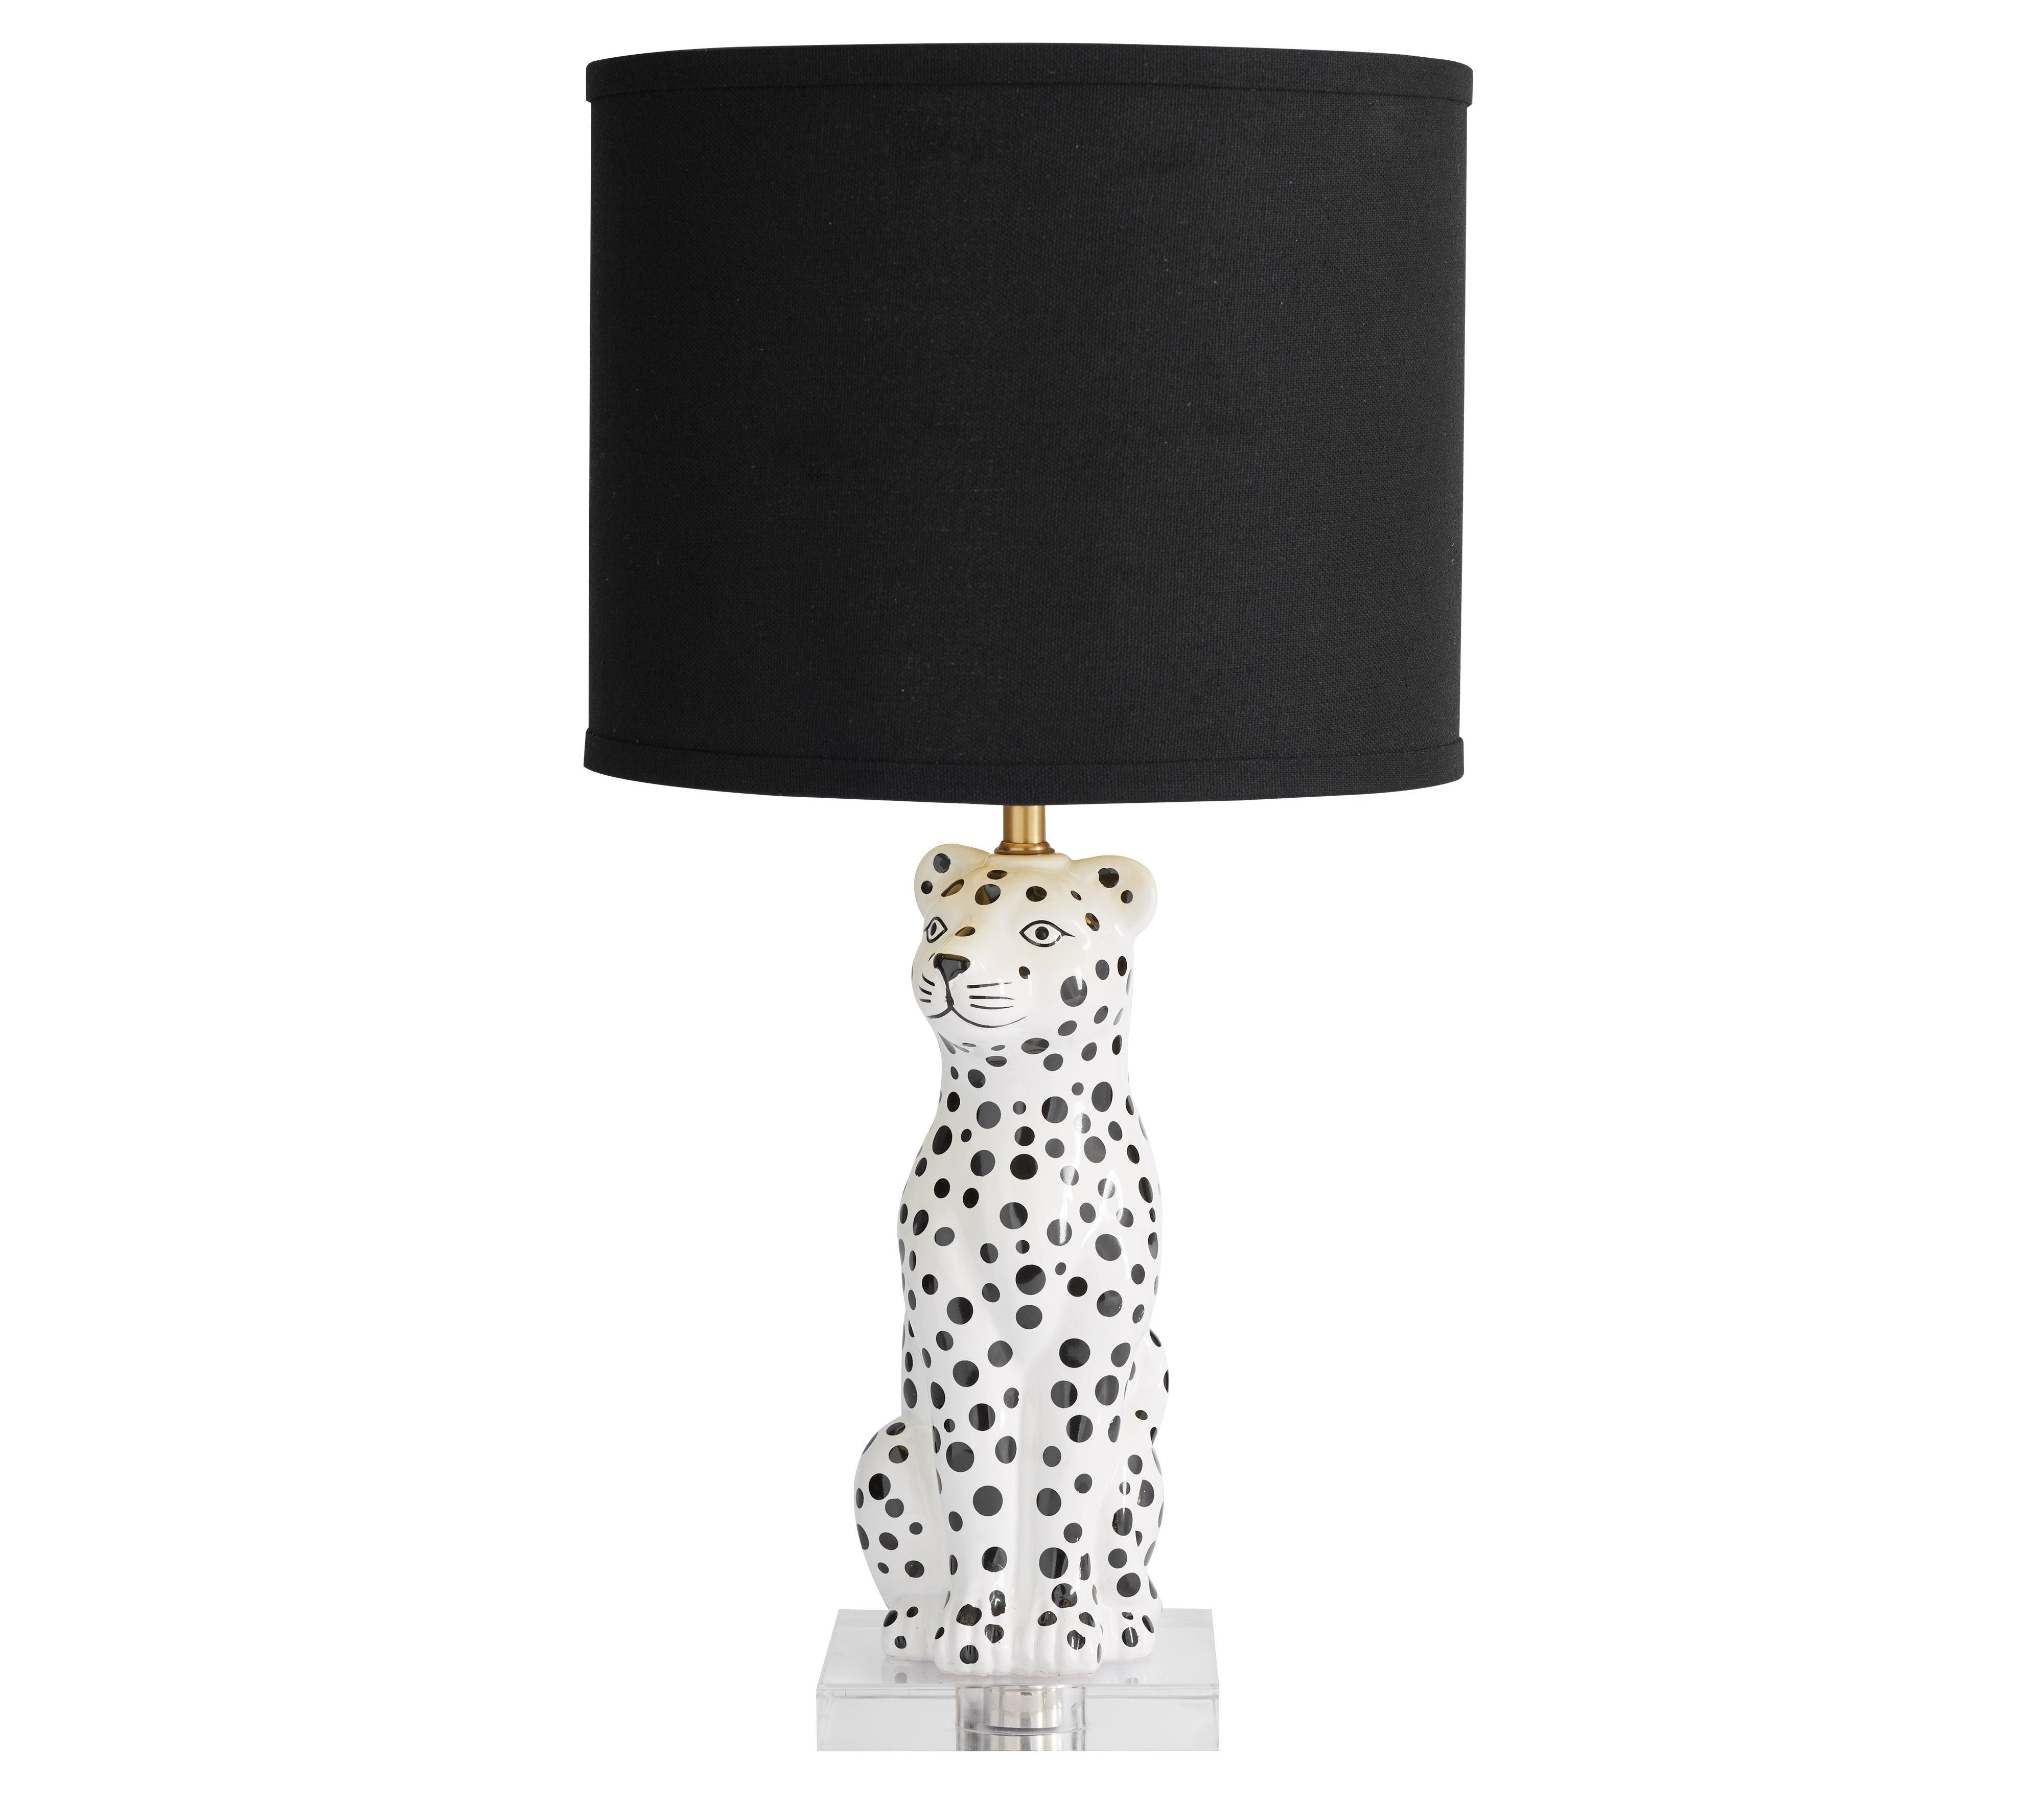 PBK-Leopard-Lamp-Off-SILO-PR